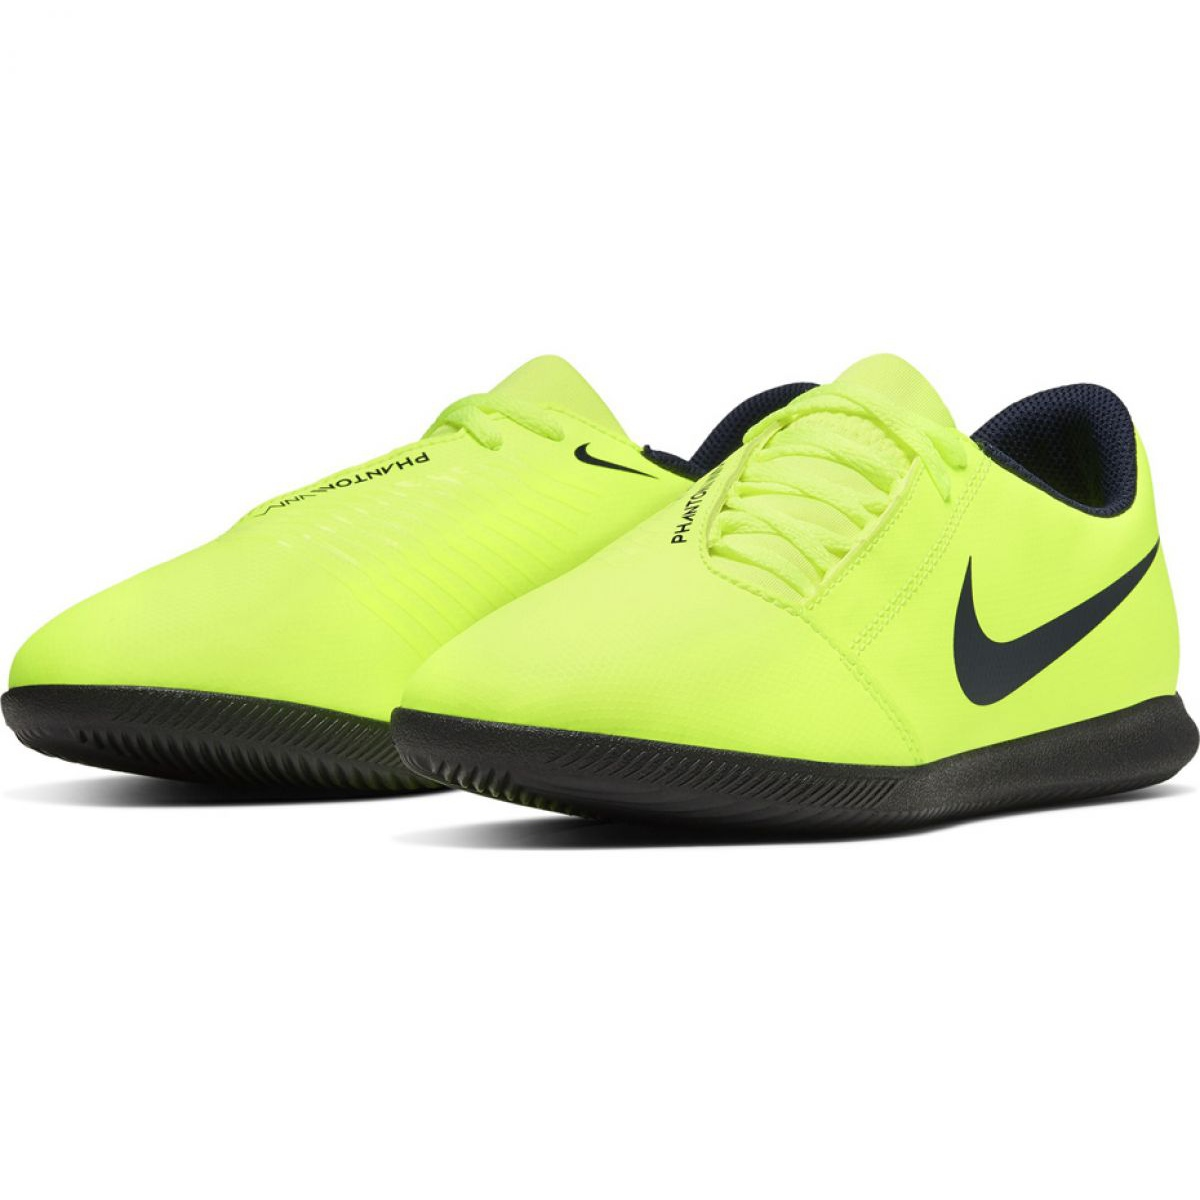 Sapatos de interior Nike Phantom Venom Club Ic Jr AO0399 717 amarelo amarelo